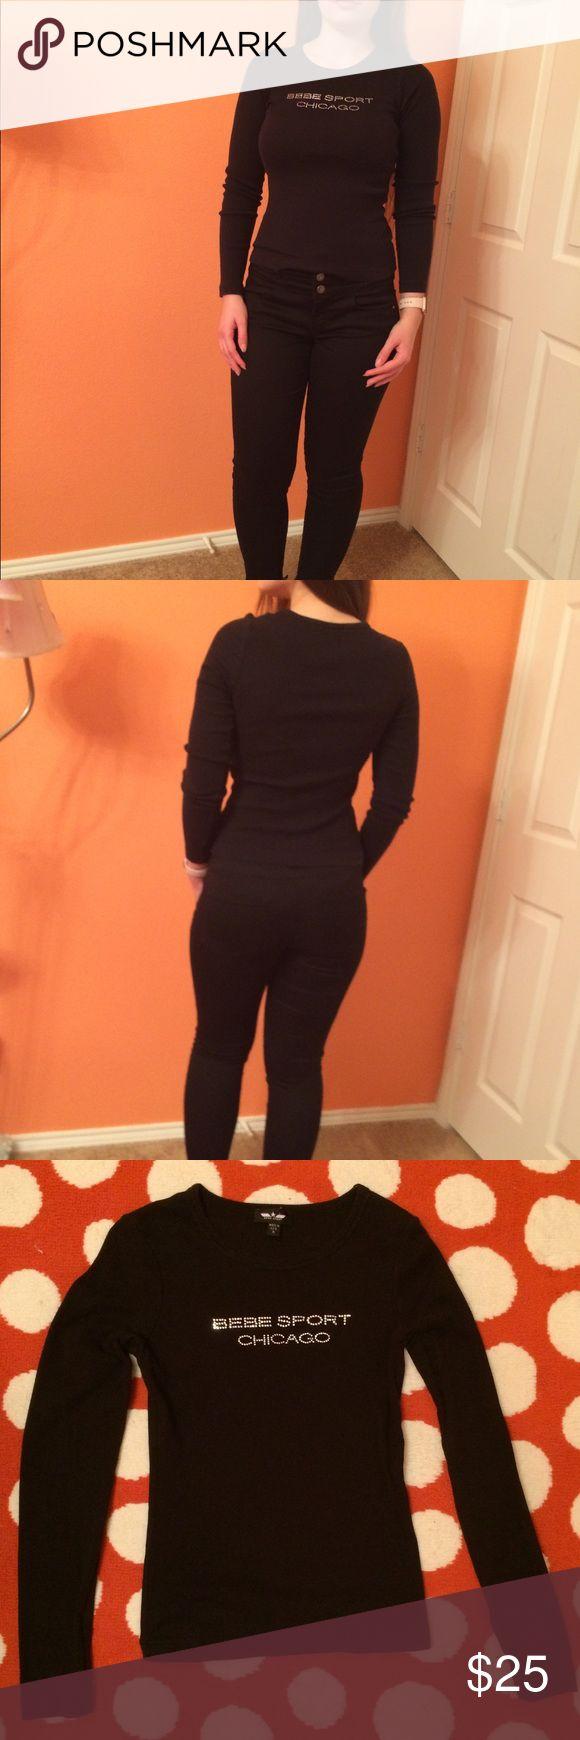 """Bebe Sport Chicago Black Long Sleeve Top Bebe Sport Chicago Black Long Sleeve Top, size Medium, Made in USA. I'm 5'5"""", 130 lbs bebe sport Tops Tees - Long Sleeve"""